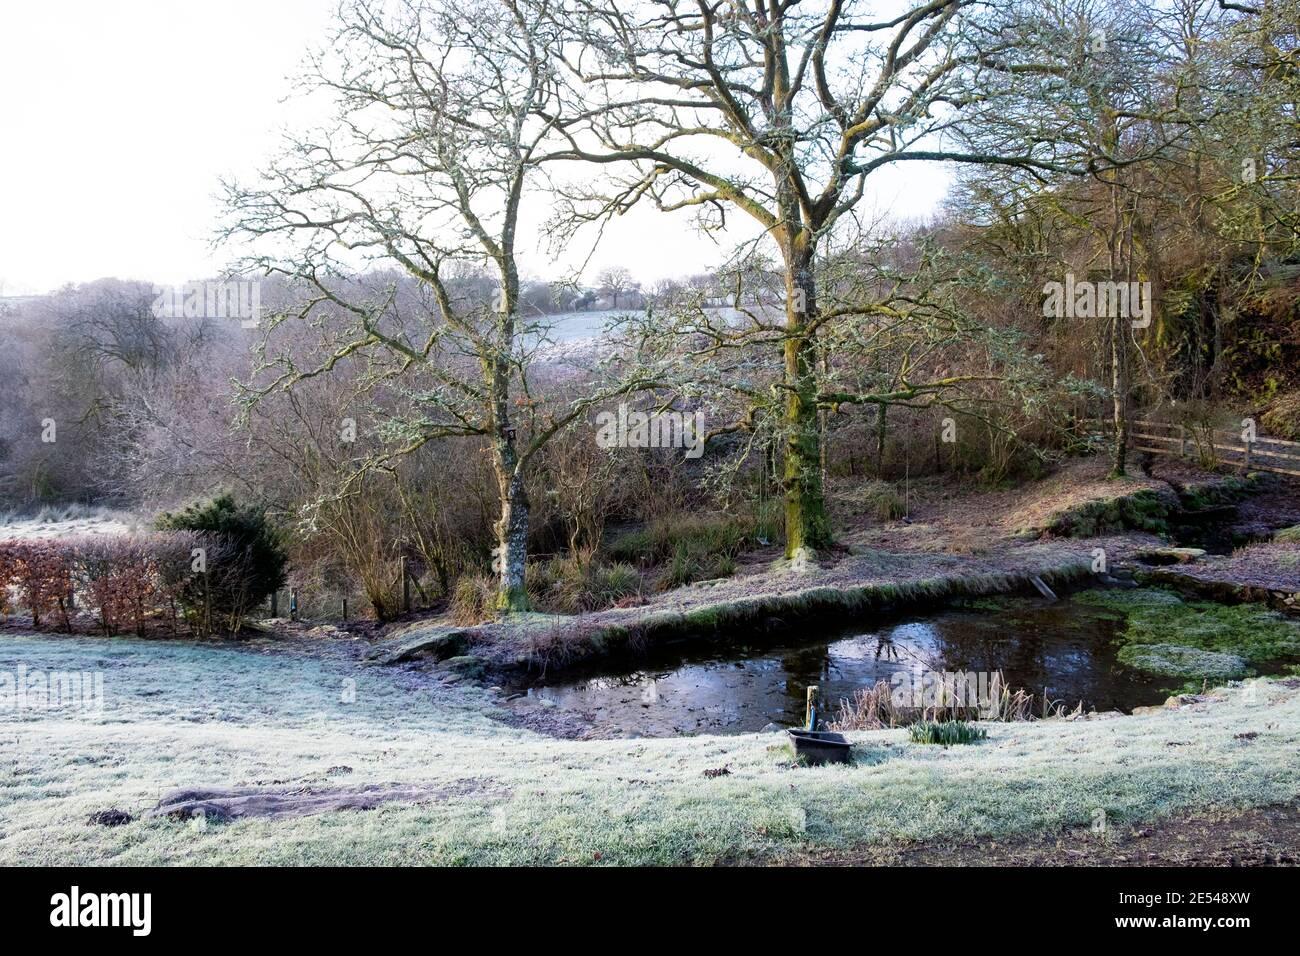 Gelo su prato, laghetto giardino, lichen su querce in bel paesaggio invernale gelido paese gennaio 2021 Carmarthenshire Galles occidentale Regno Unito KATHY DEWITT Foto Stock